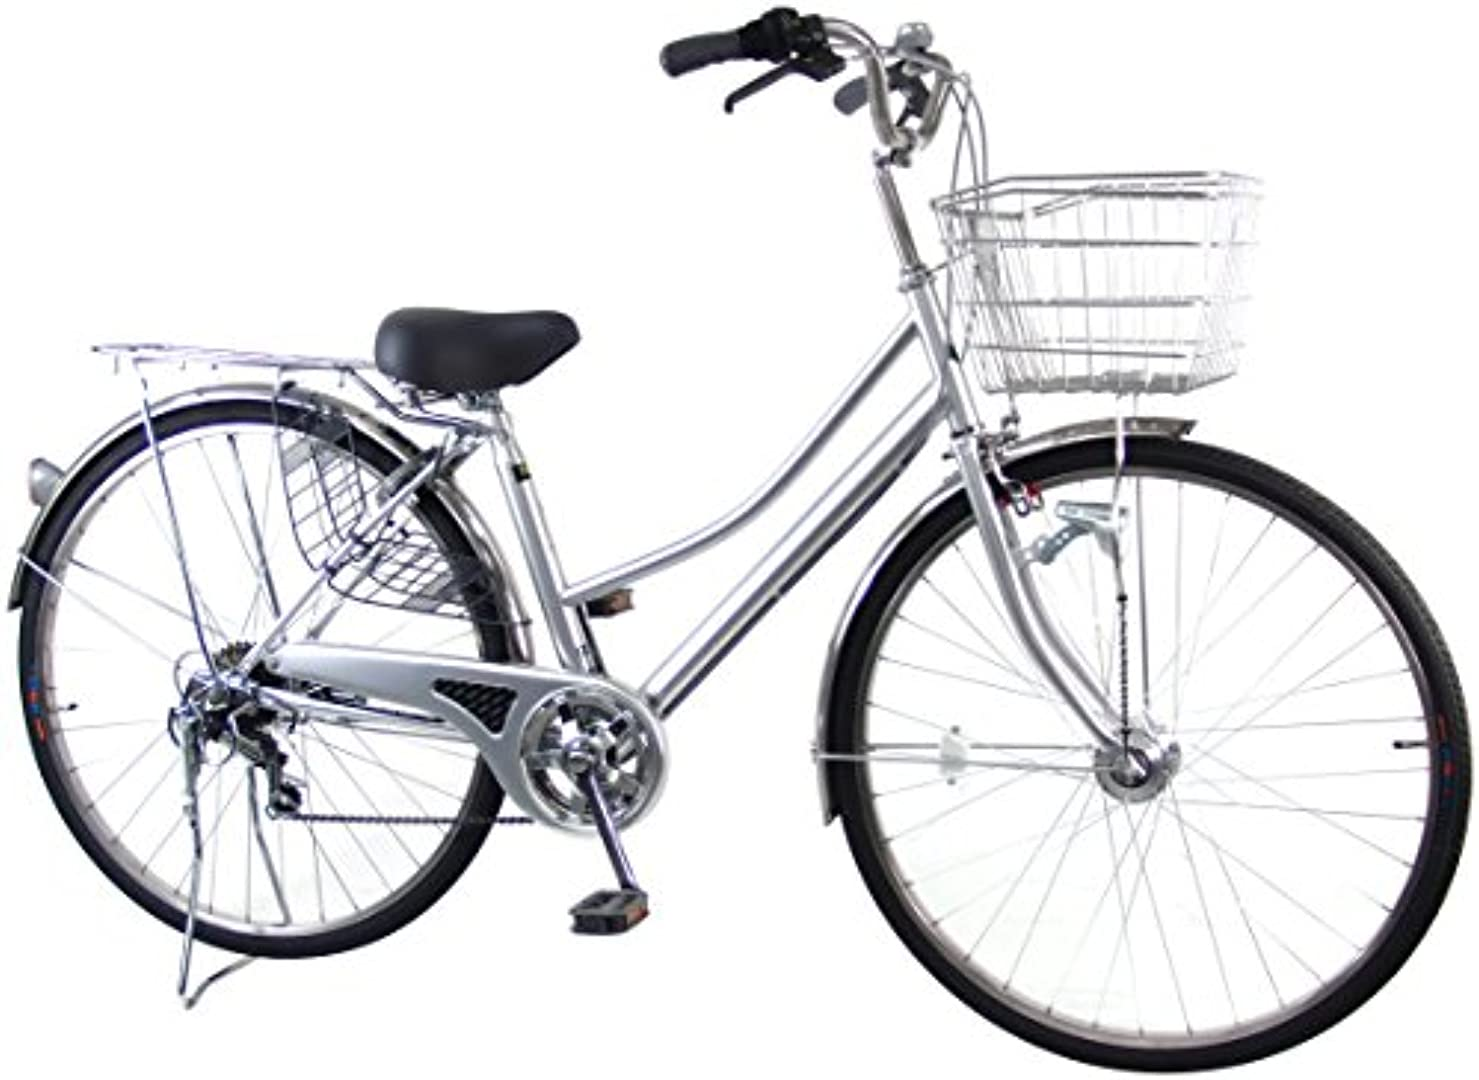 シャイニングに渡ってなめるC.Dream(シードリーム) ココWスペシャル CW76-SP 27インチ自転車 シティサイクル シルバー 6段変速 BAA 100%組立済み発送